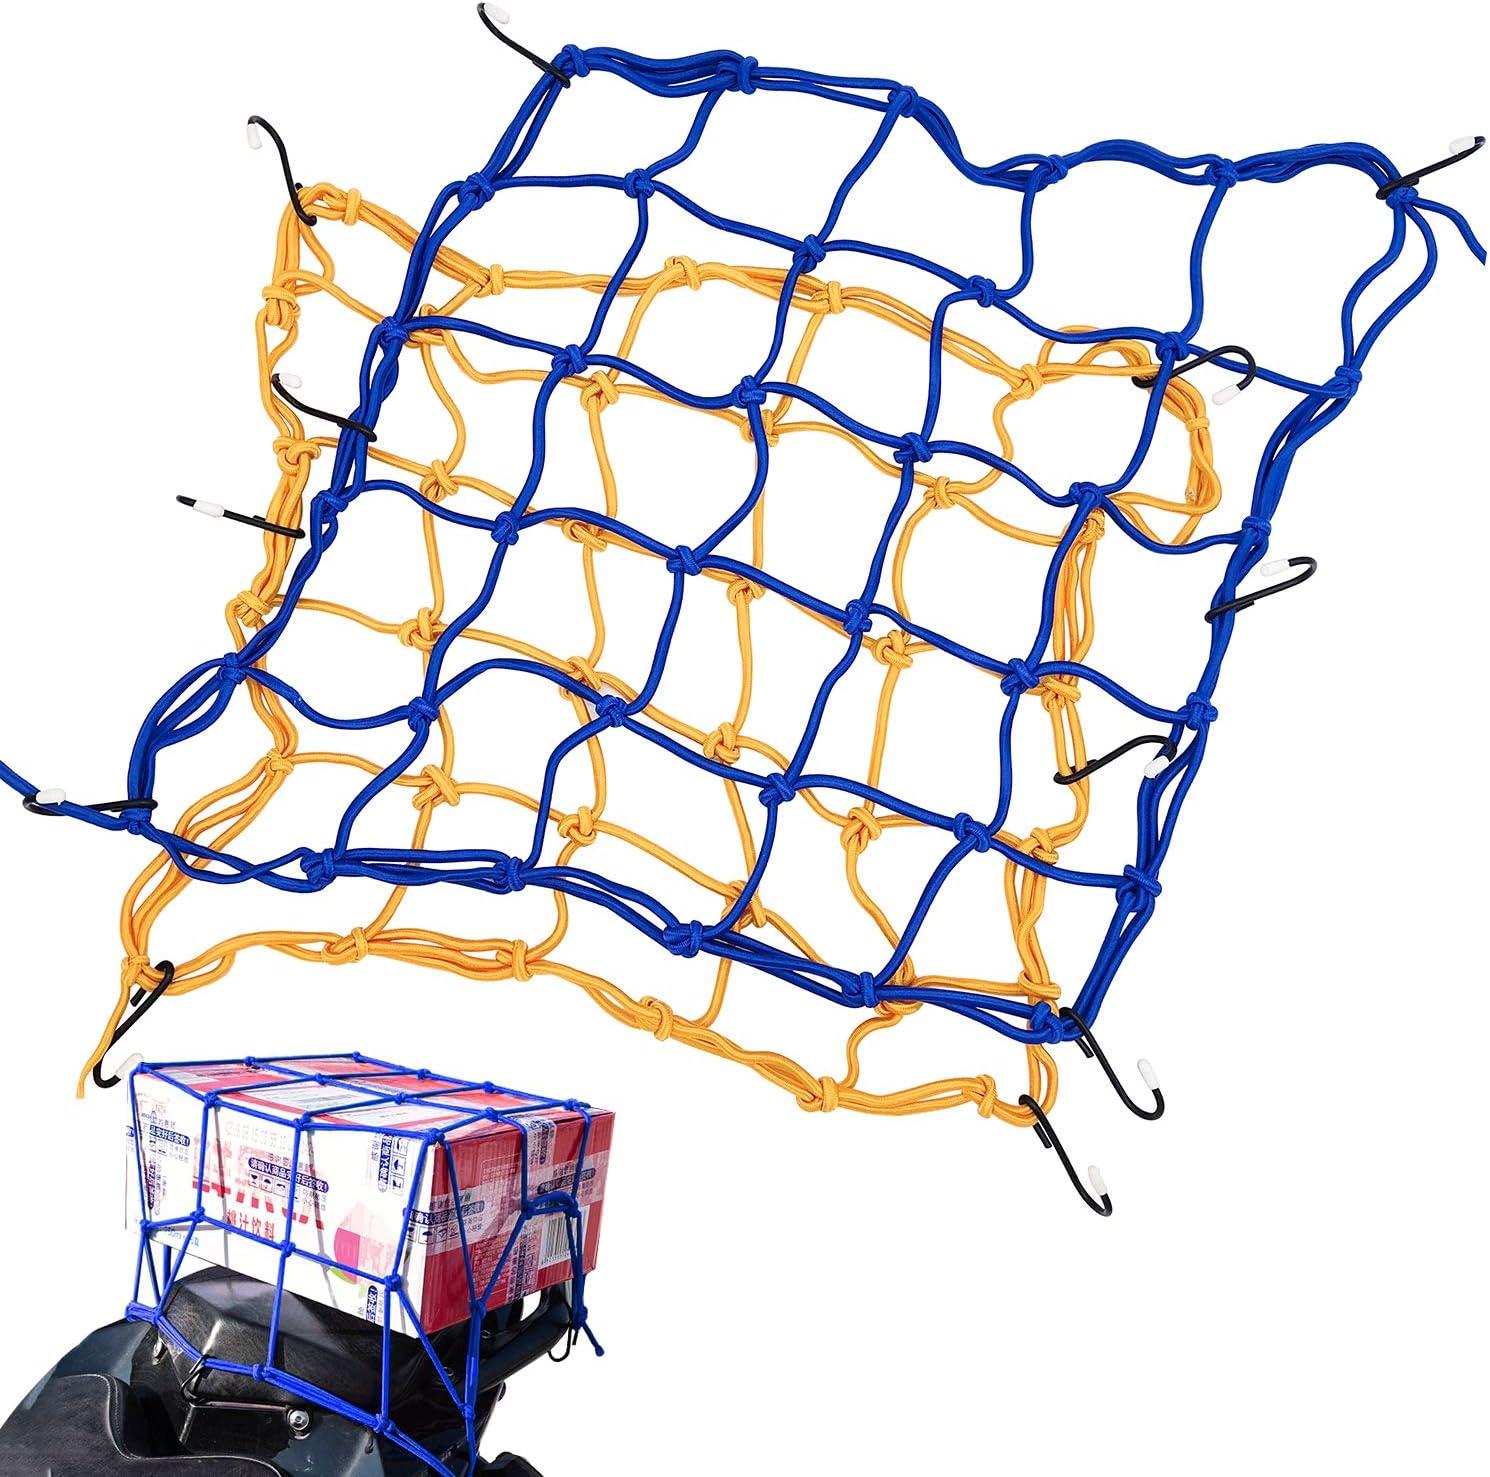 Jjyhehot Motorrad Netz Fester Zusatzhelm Oder Rucksack Zur Erleichterung Des Reisens 2 Stück Auto